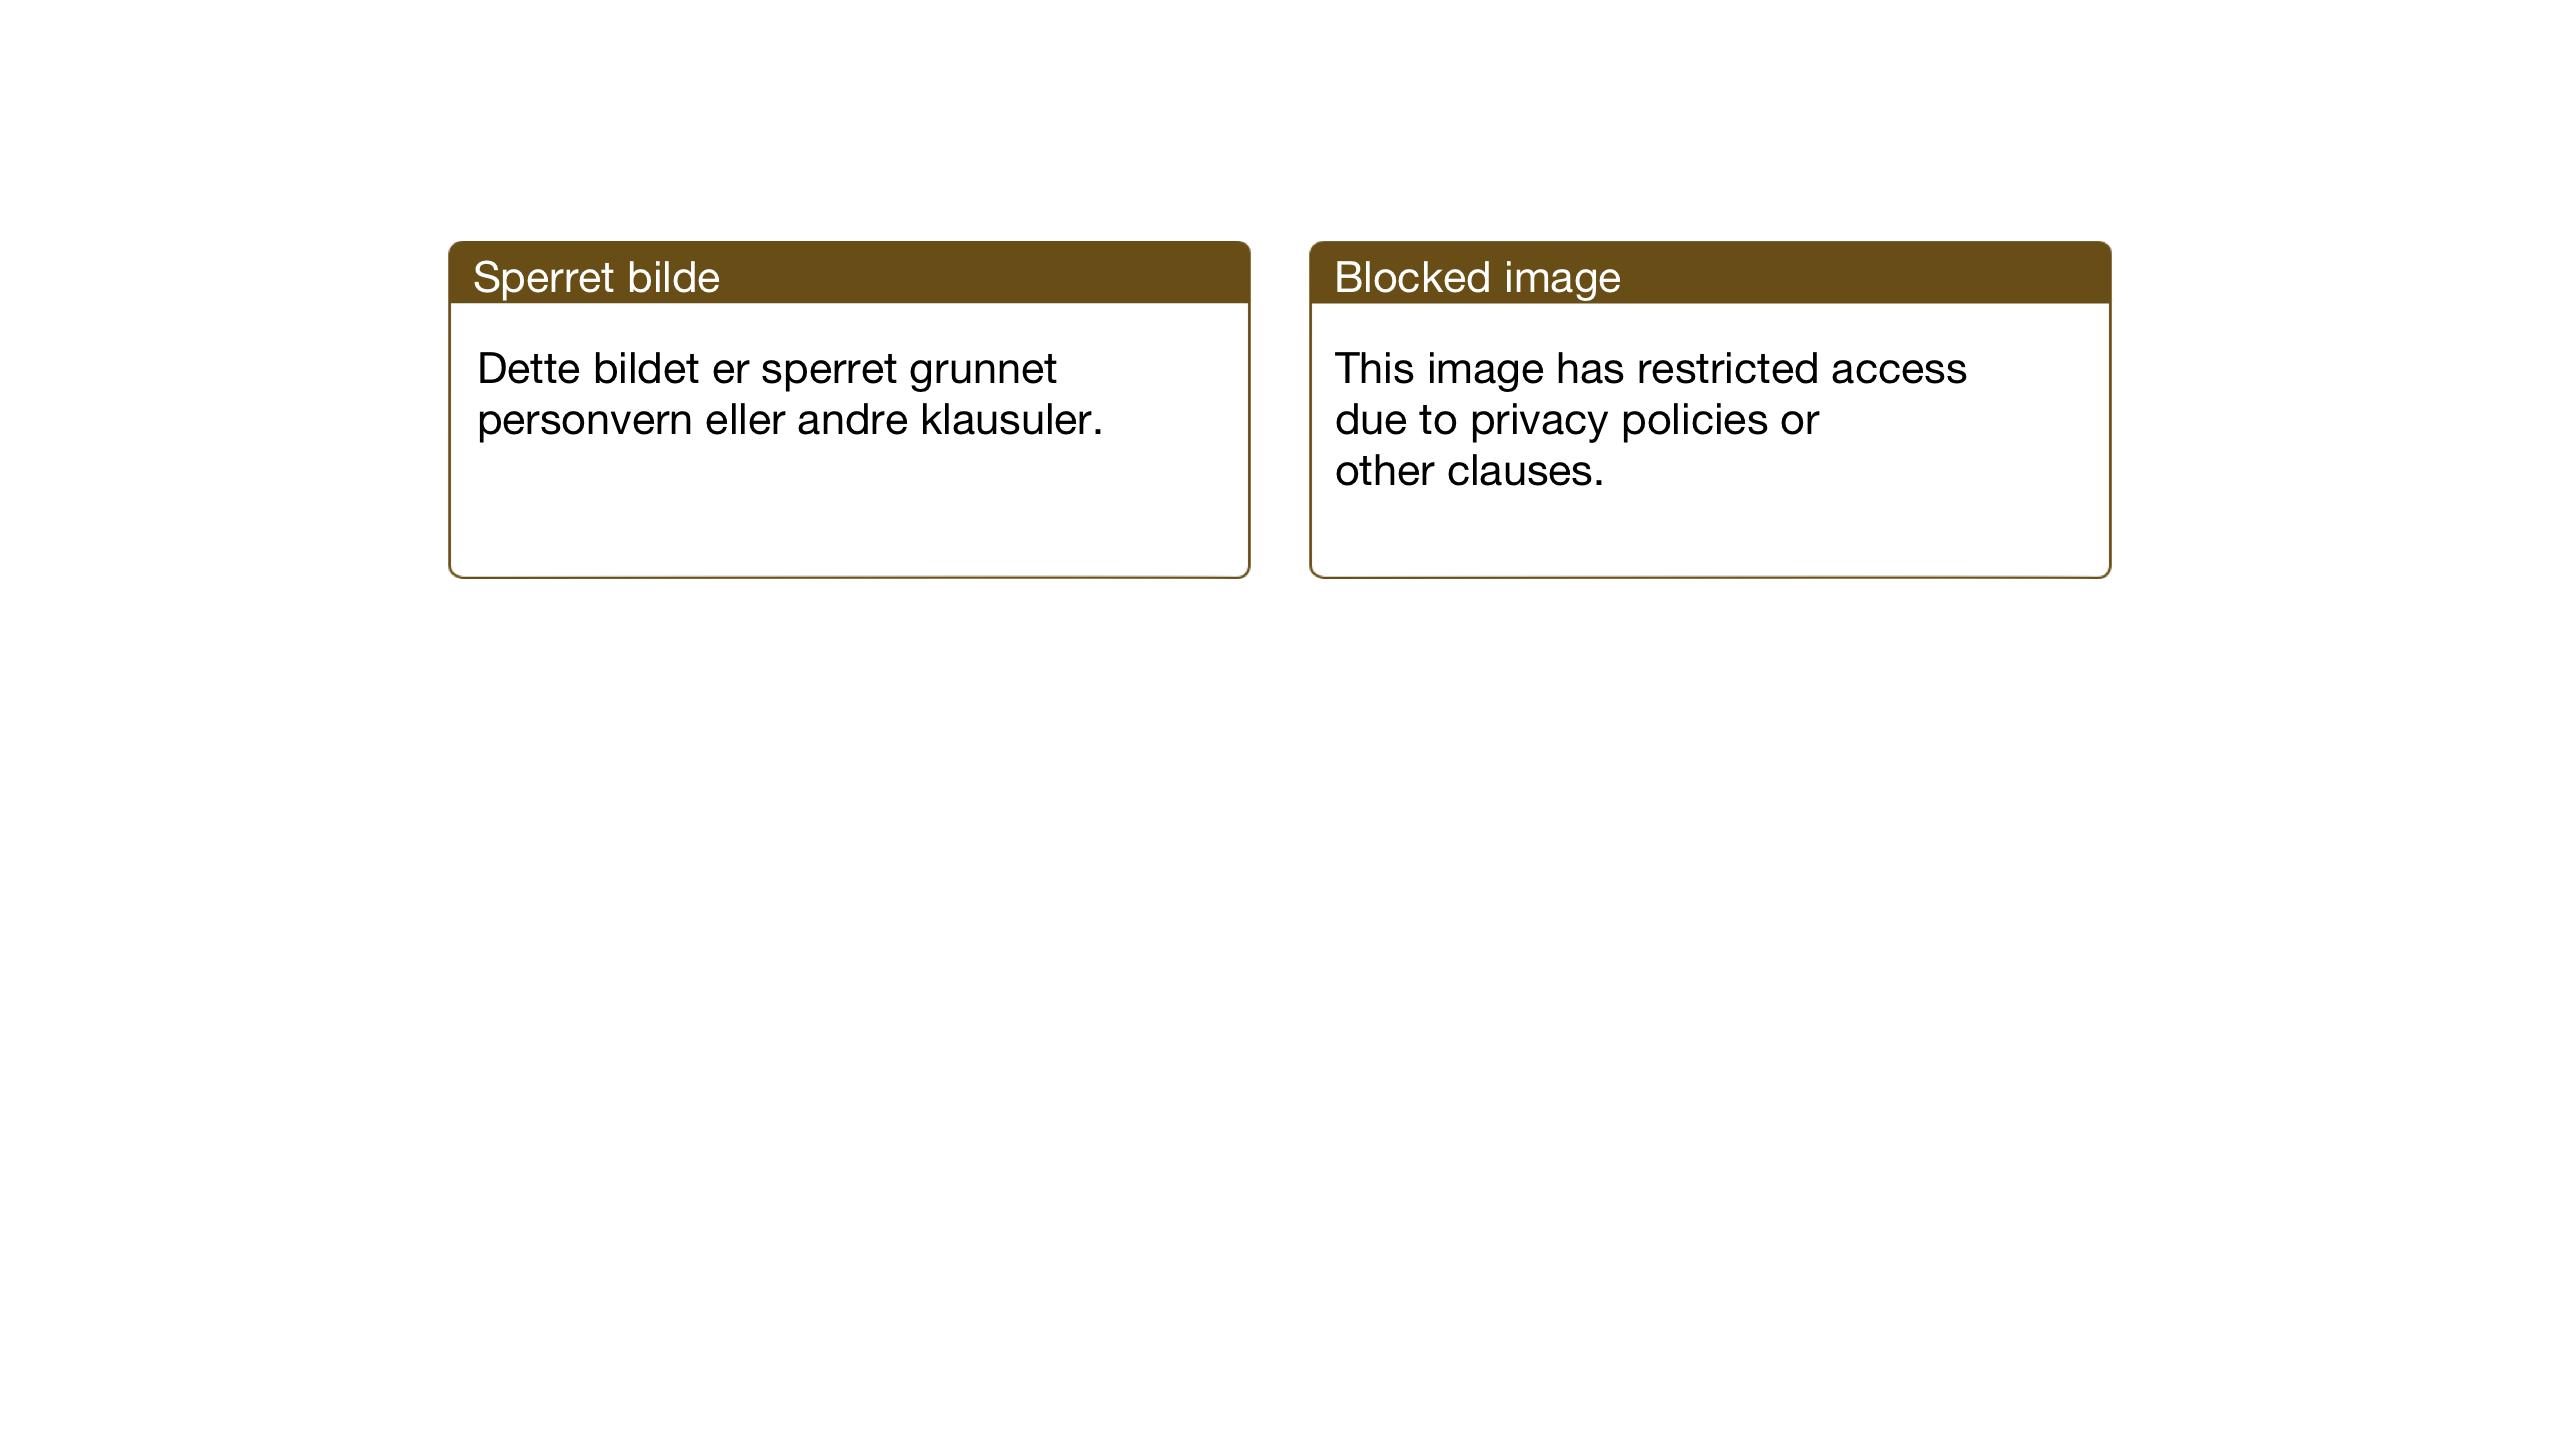 SAT, Ministerialprotokoller, klokkerbøker og fødselsregistre - Sør-Trøndelag, 672/L0866: Klokkerbok nr. 672C05, 1929-1939, s. 163